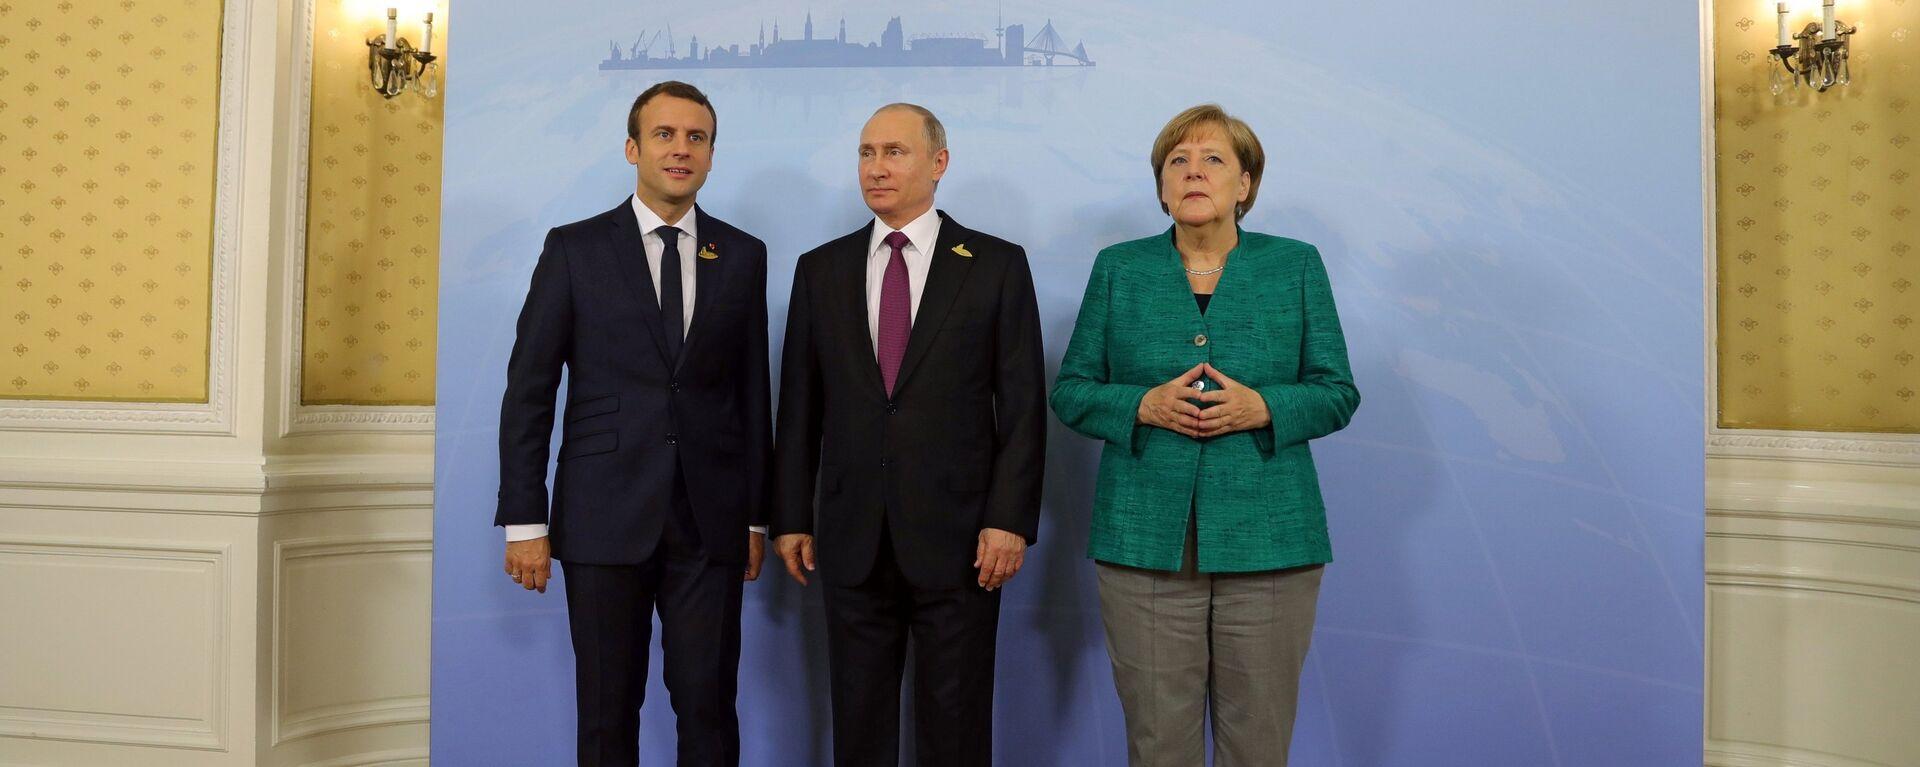 Президент Франции Эммануэль Макрон, президент РФ Владимир Путин, канцлер Германии Ангела Меркель (слева направо), архивное фото - Sputnik Latvija, 1920, 02.04.2021